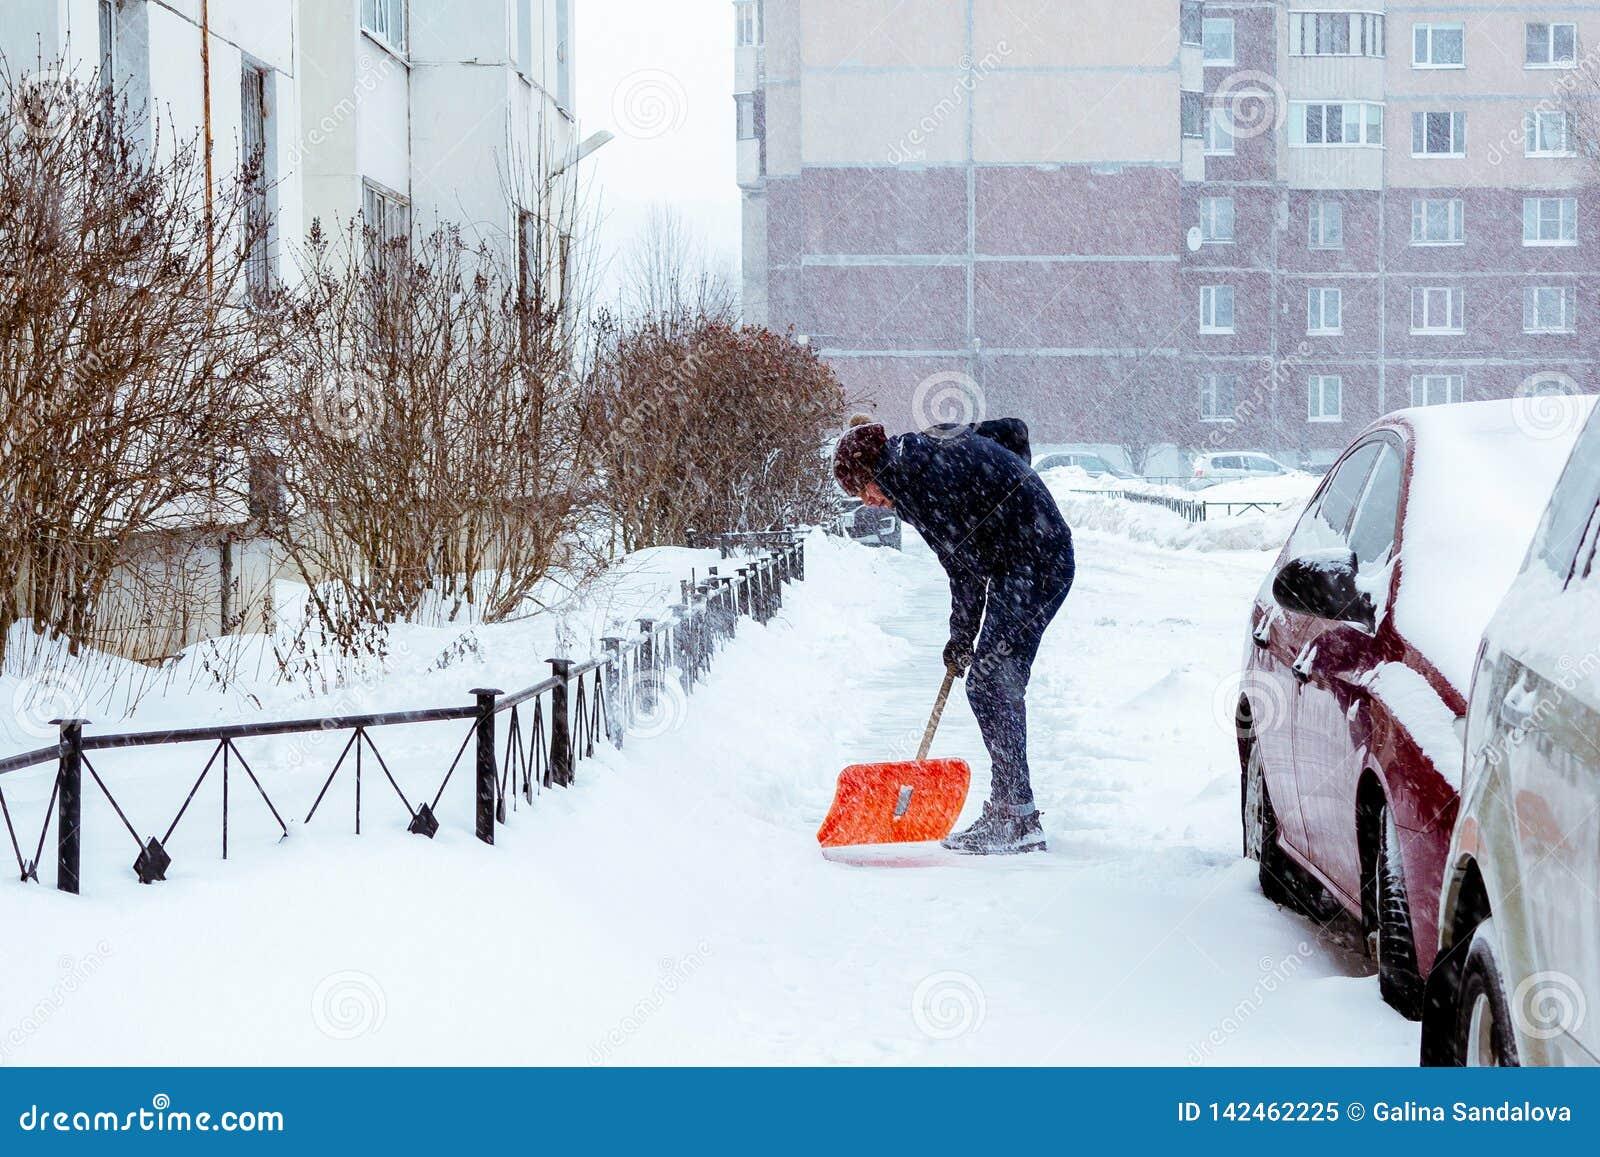 Санкт-Петербург, Россия - 17-ое января 2019: Человек очищает снег во дворе с лопаткоулавливателем после сильного снегопада